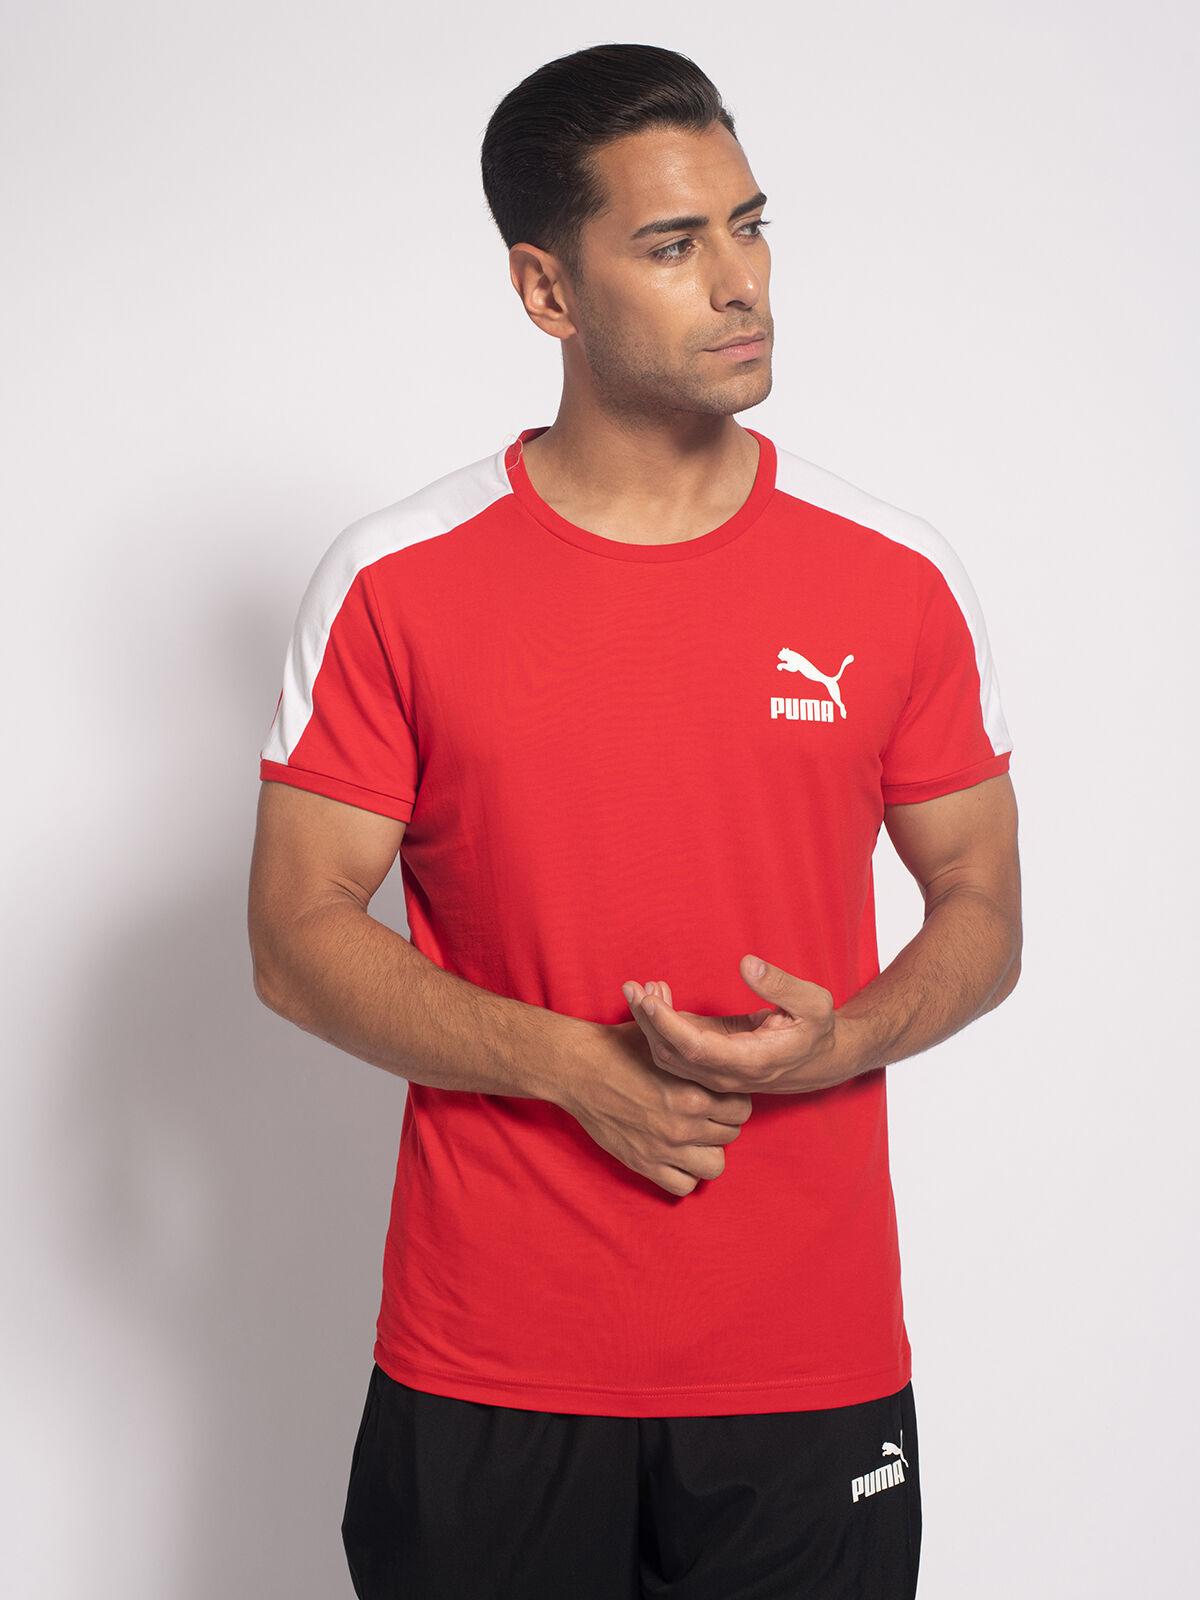 red and white puma shirt